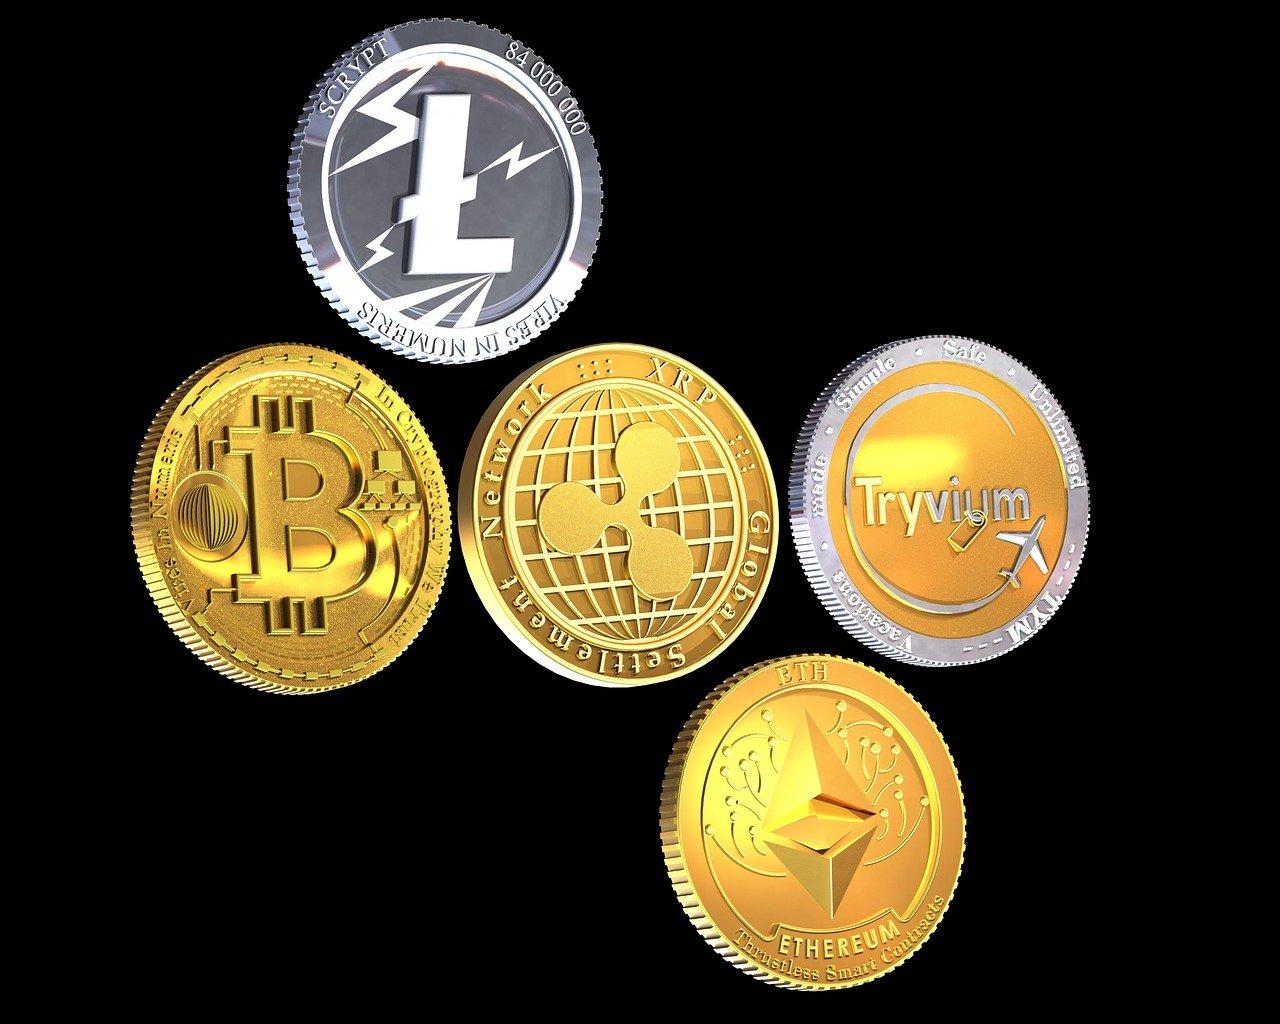 Bitcoin vásárlás Magyarországon – Útmutató kezdőknek